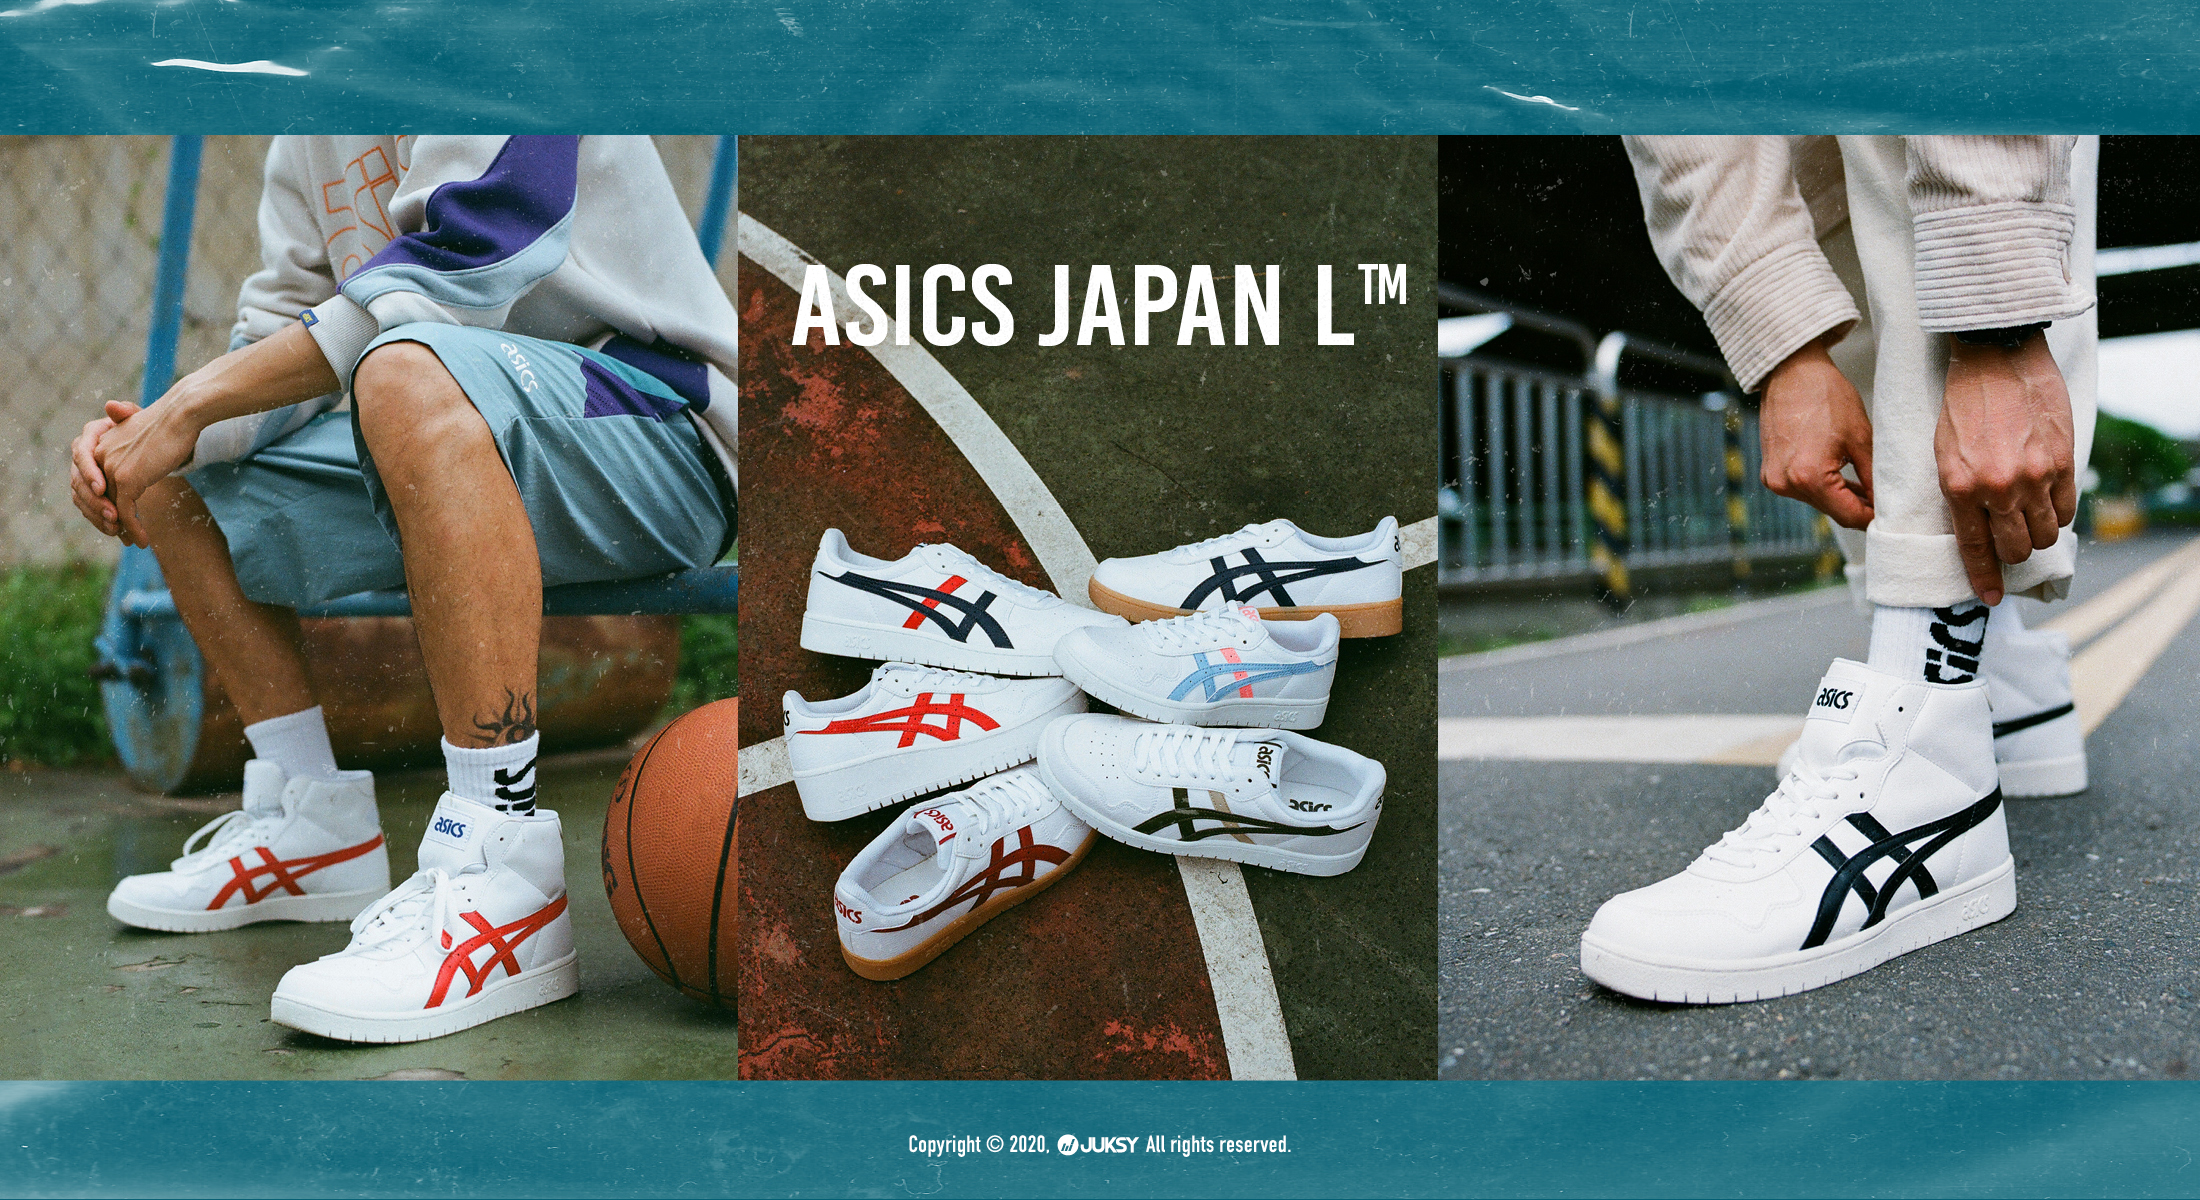 一雙鞋讓你化身「永不放棄」的三井壽!ASICS 復刻款高筒籃球鞋攻佔球場,零秒出手致勝街頭穿搭!